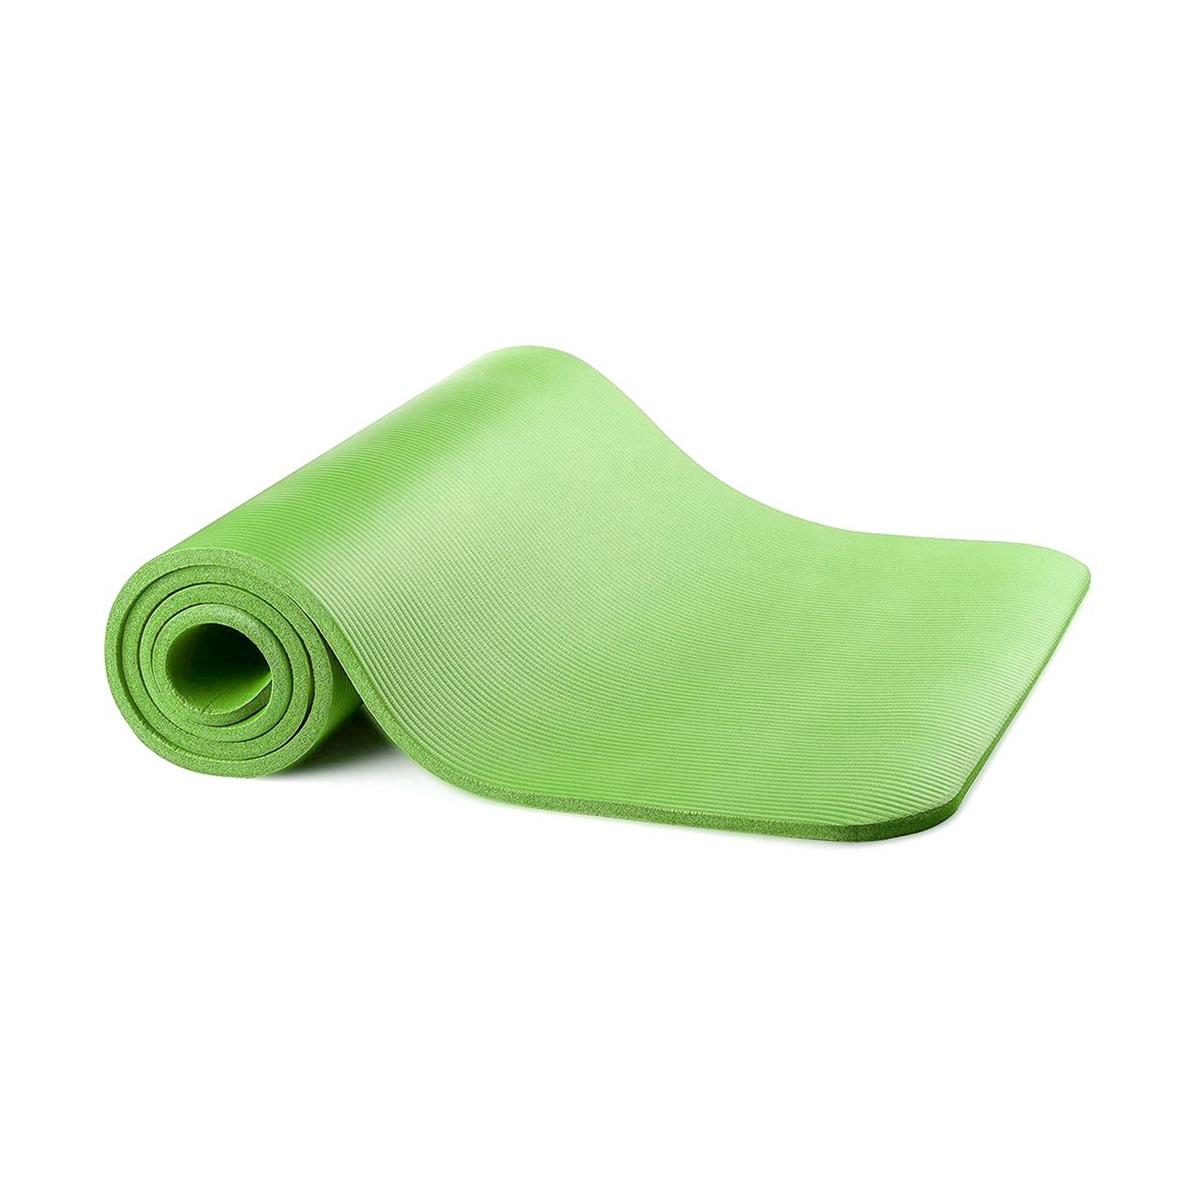 Soft Yoga Mat  Fitness Exercise Matt For Aerobics  Thick Matt For Yoga 6 MM